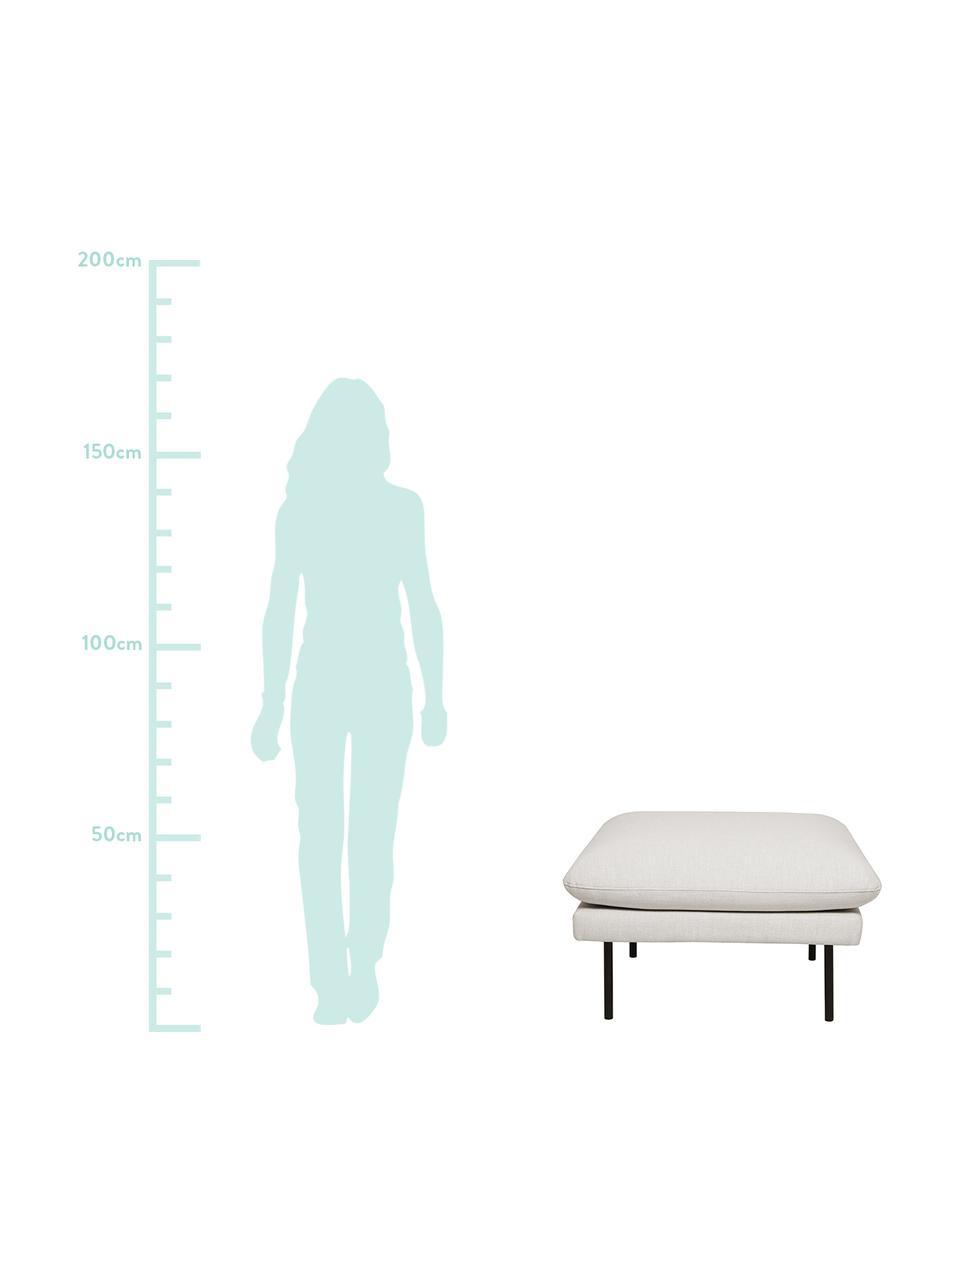 Sofa-Hocker Moby in Beige mit Metall-Füßen, Bezug: Polyester Der hochwertige, Gestell: Massives Kiefernholz, Füße: Metall, pulverbeschichtet, Webstoff Beige, 78 x 48 cm